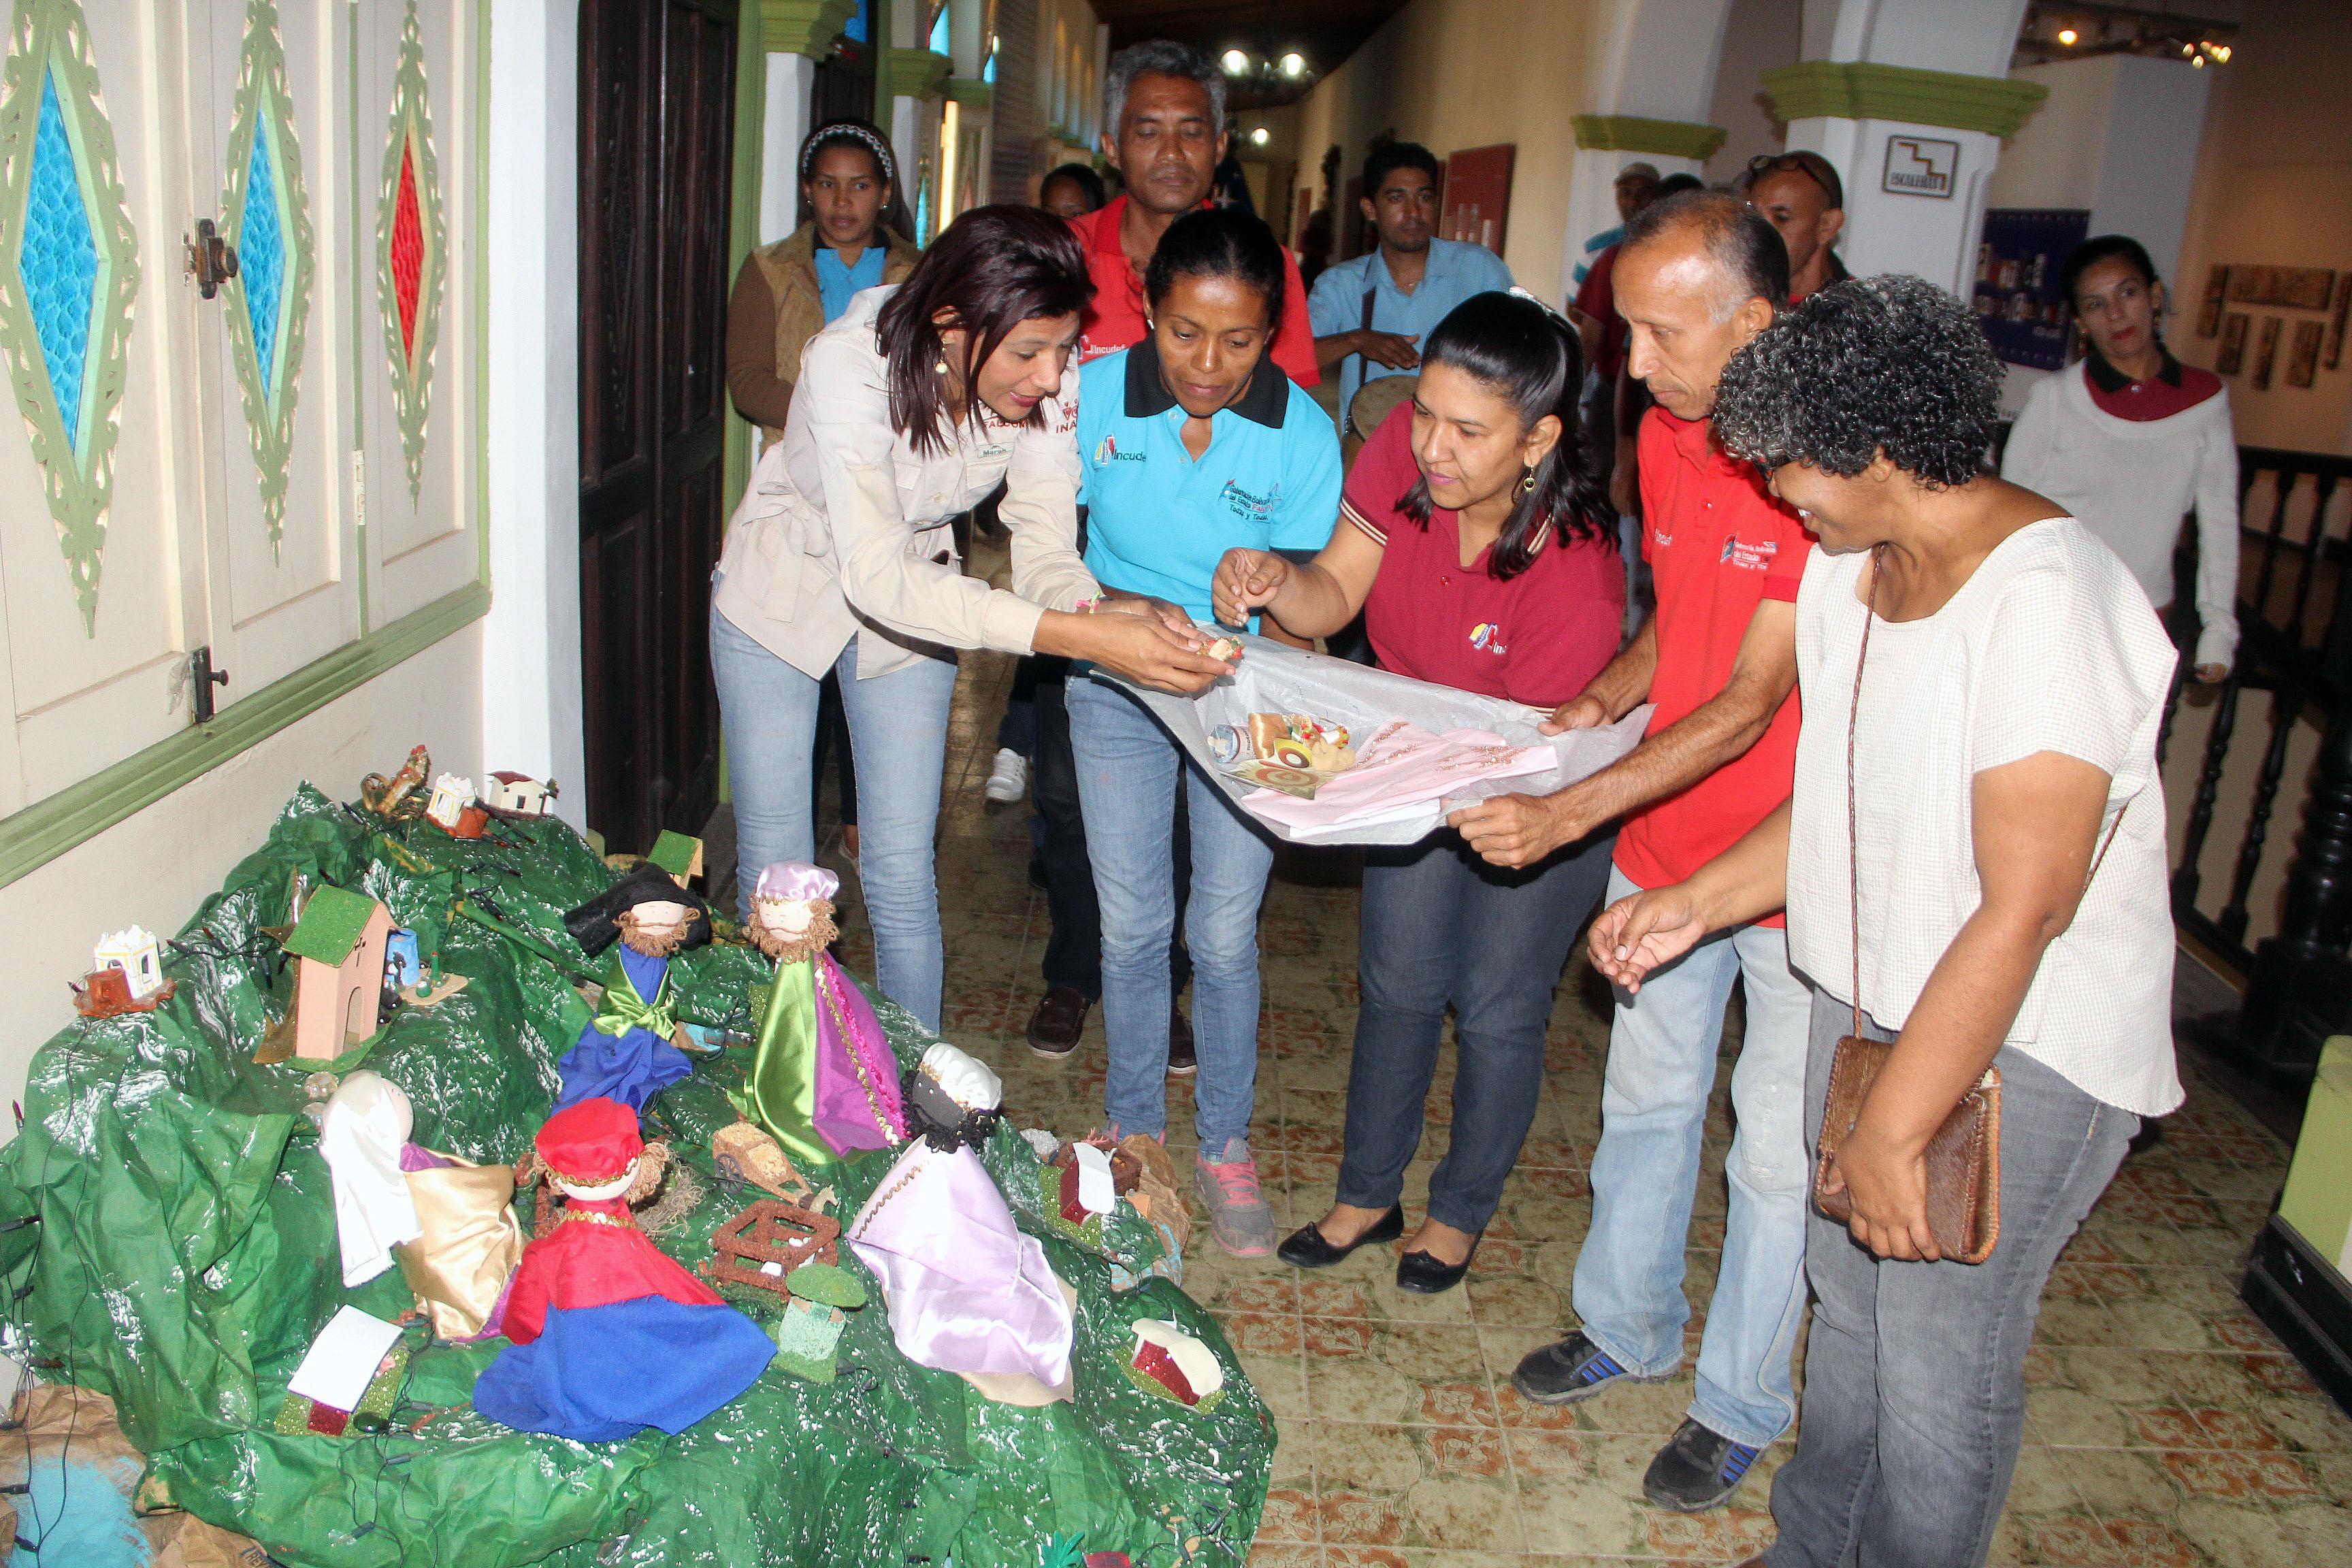 fiestas-tradicionales-de-venezuela-13